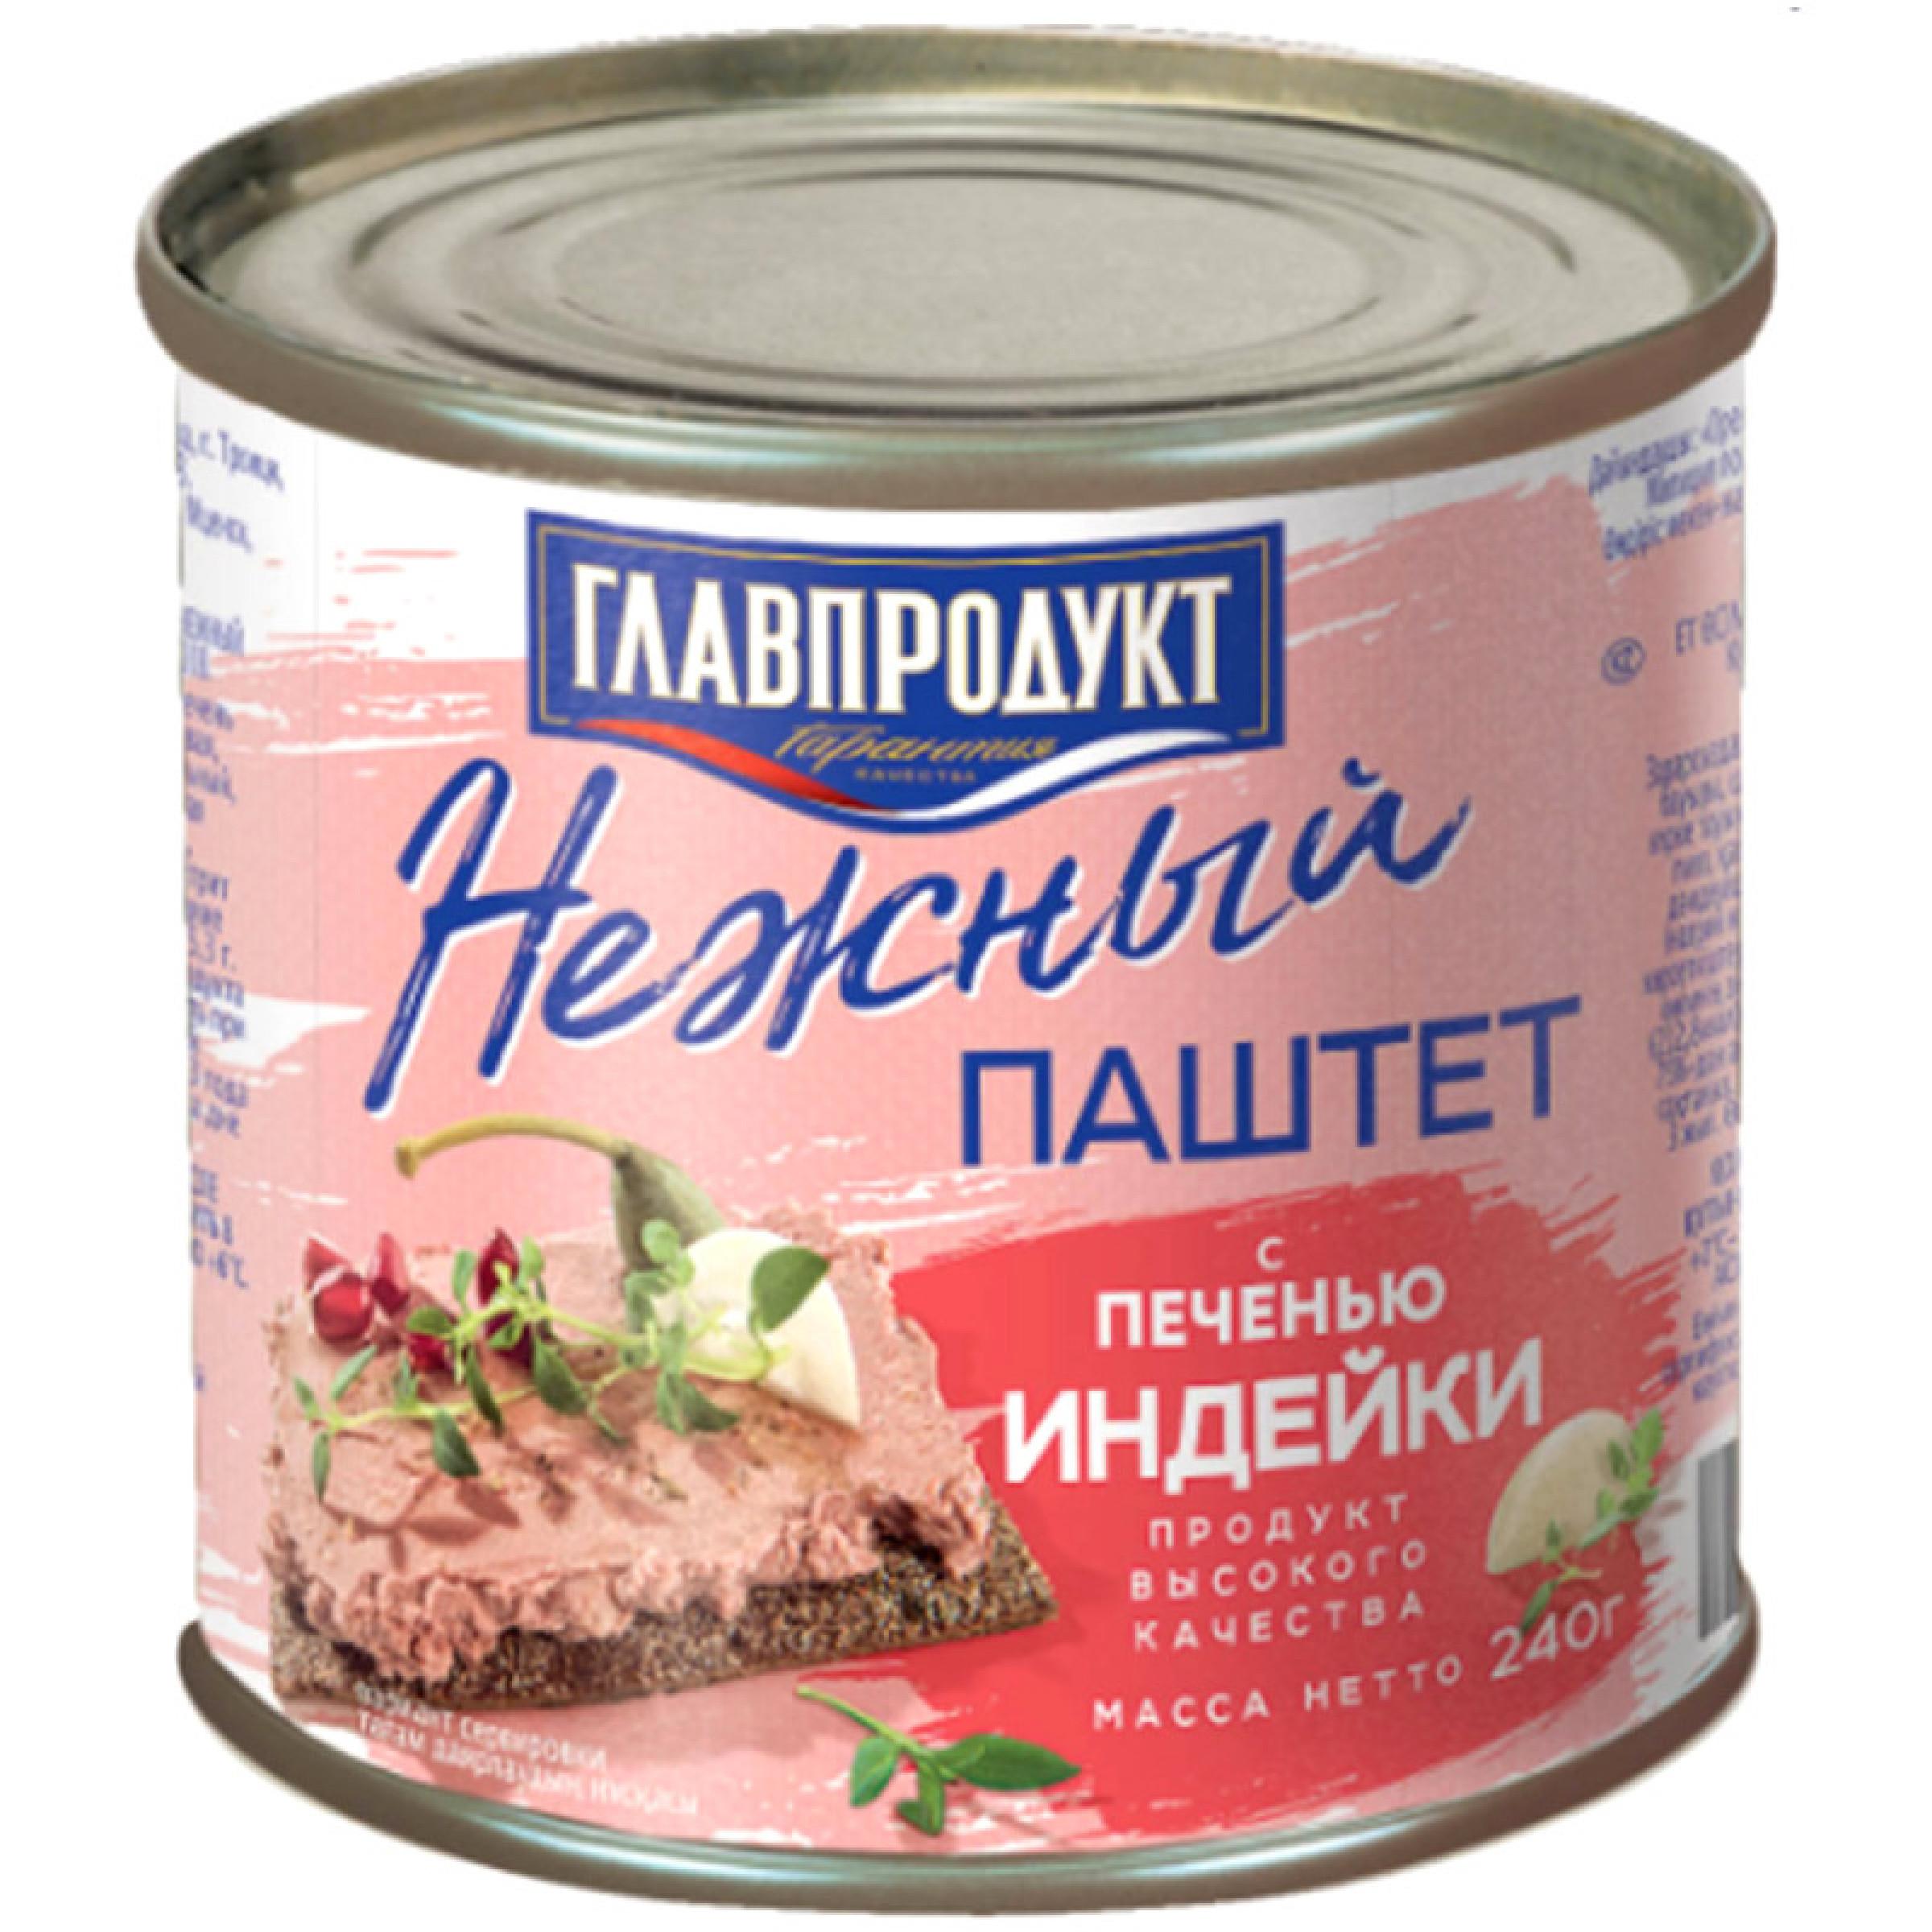 Паштет Главпродукт деликатесный с печенью индейки, 240г